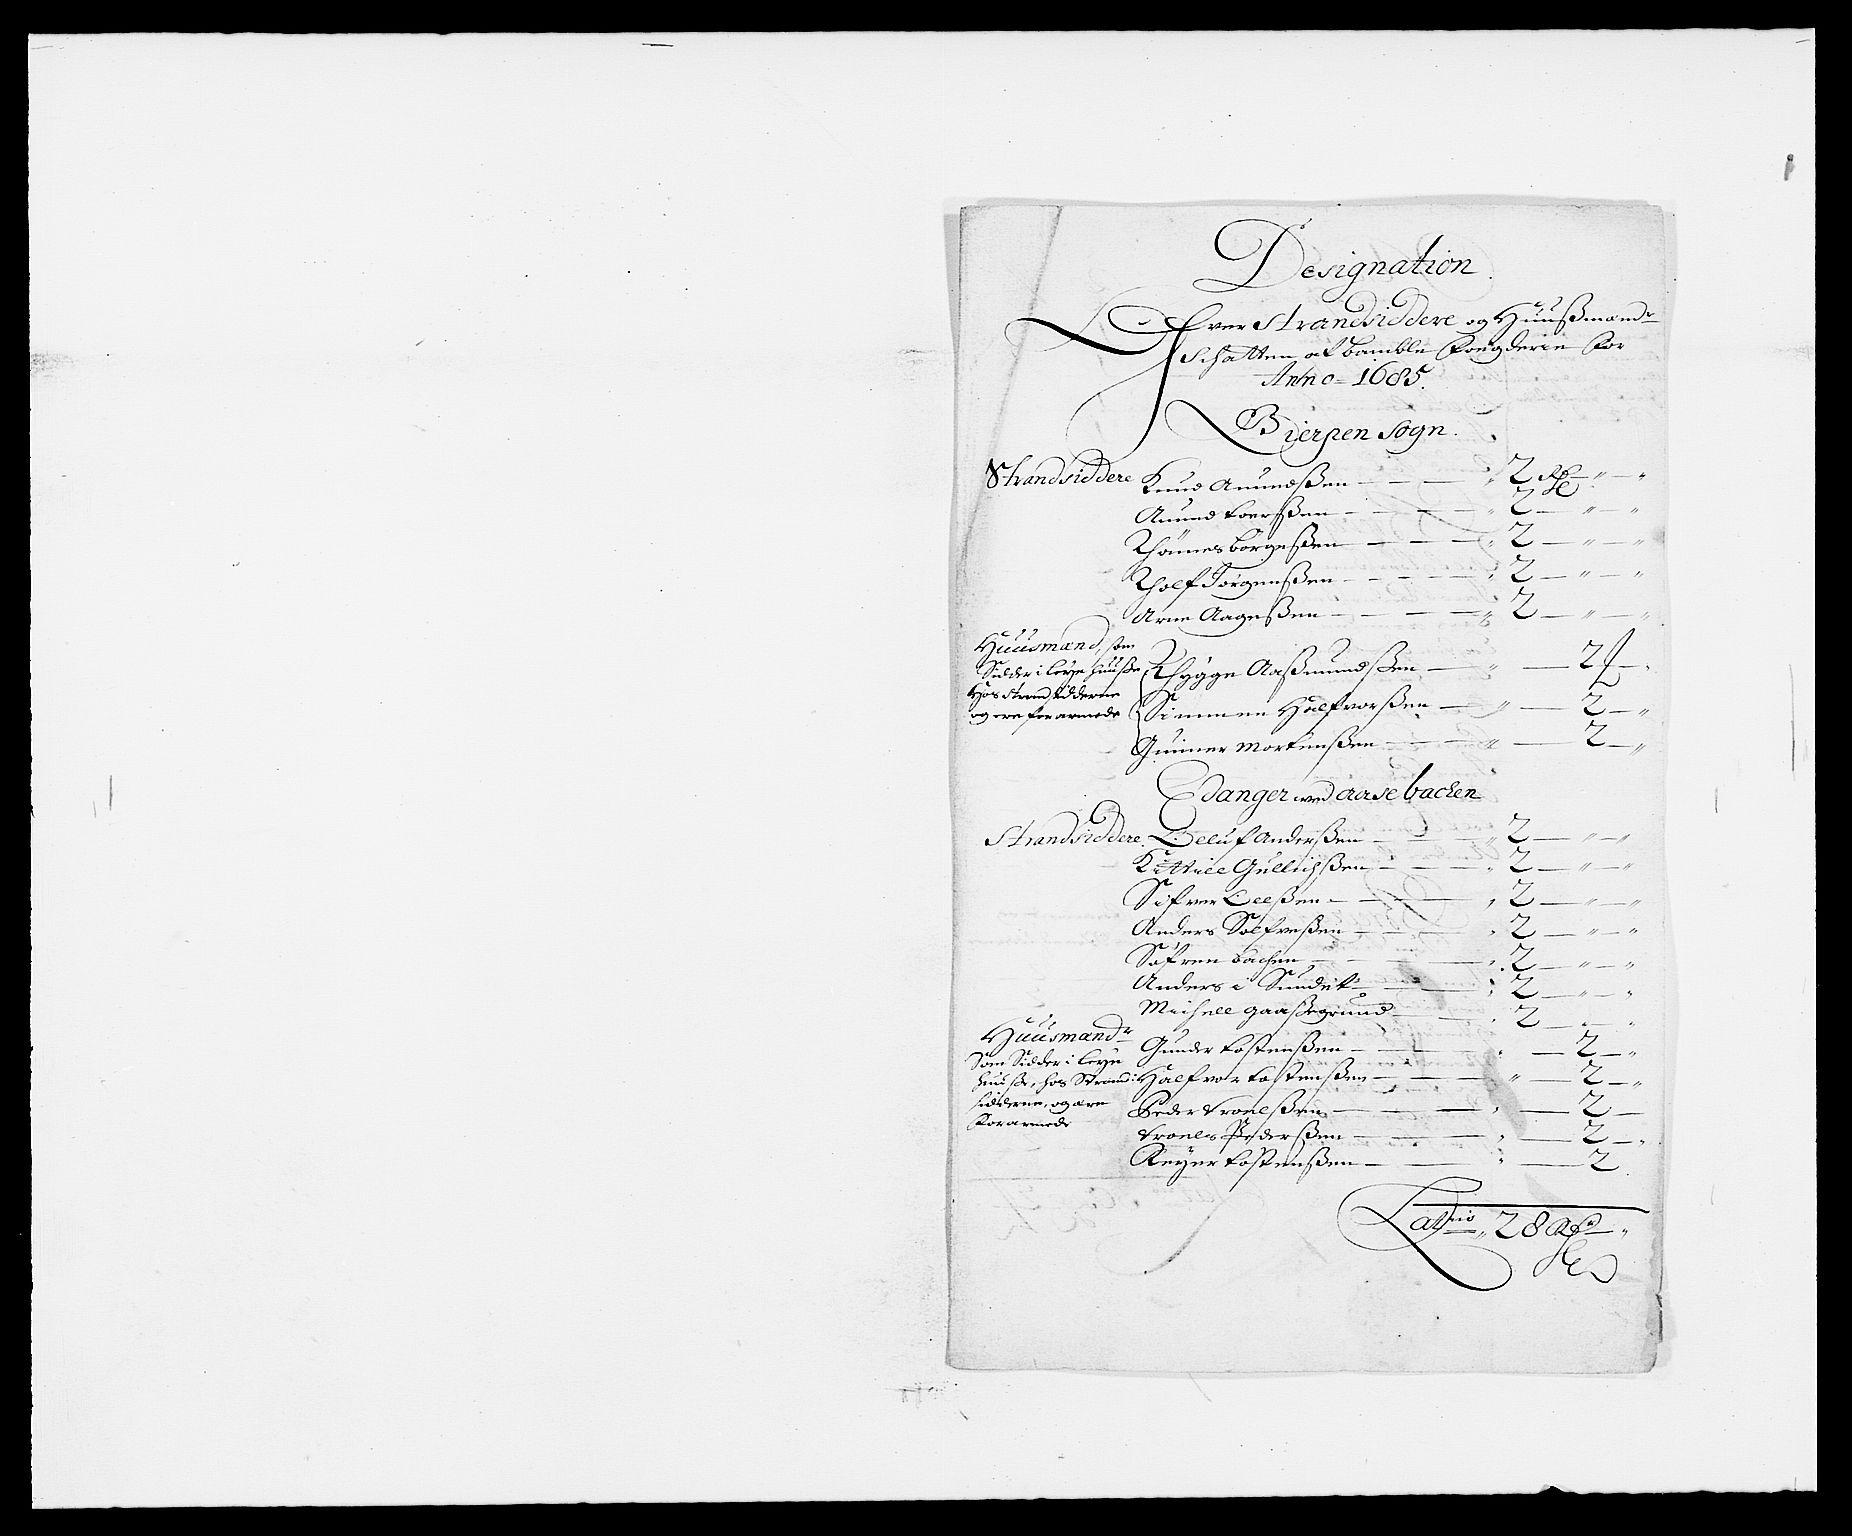 RA, Rentekammeret inntil 1814, Reviderte regnskaper, Fogderegnskap, R34/L2048: Fogderegnskap Bamble, 1685-1687, s. 94